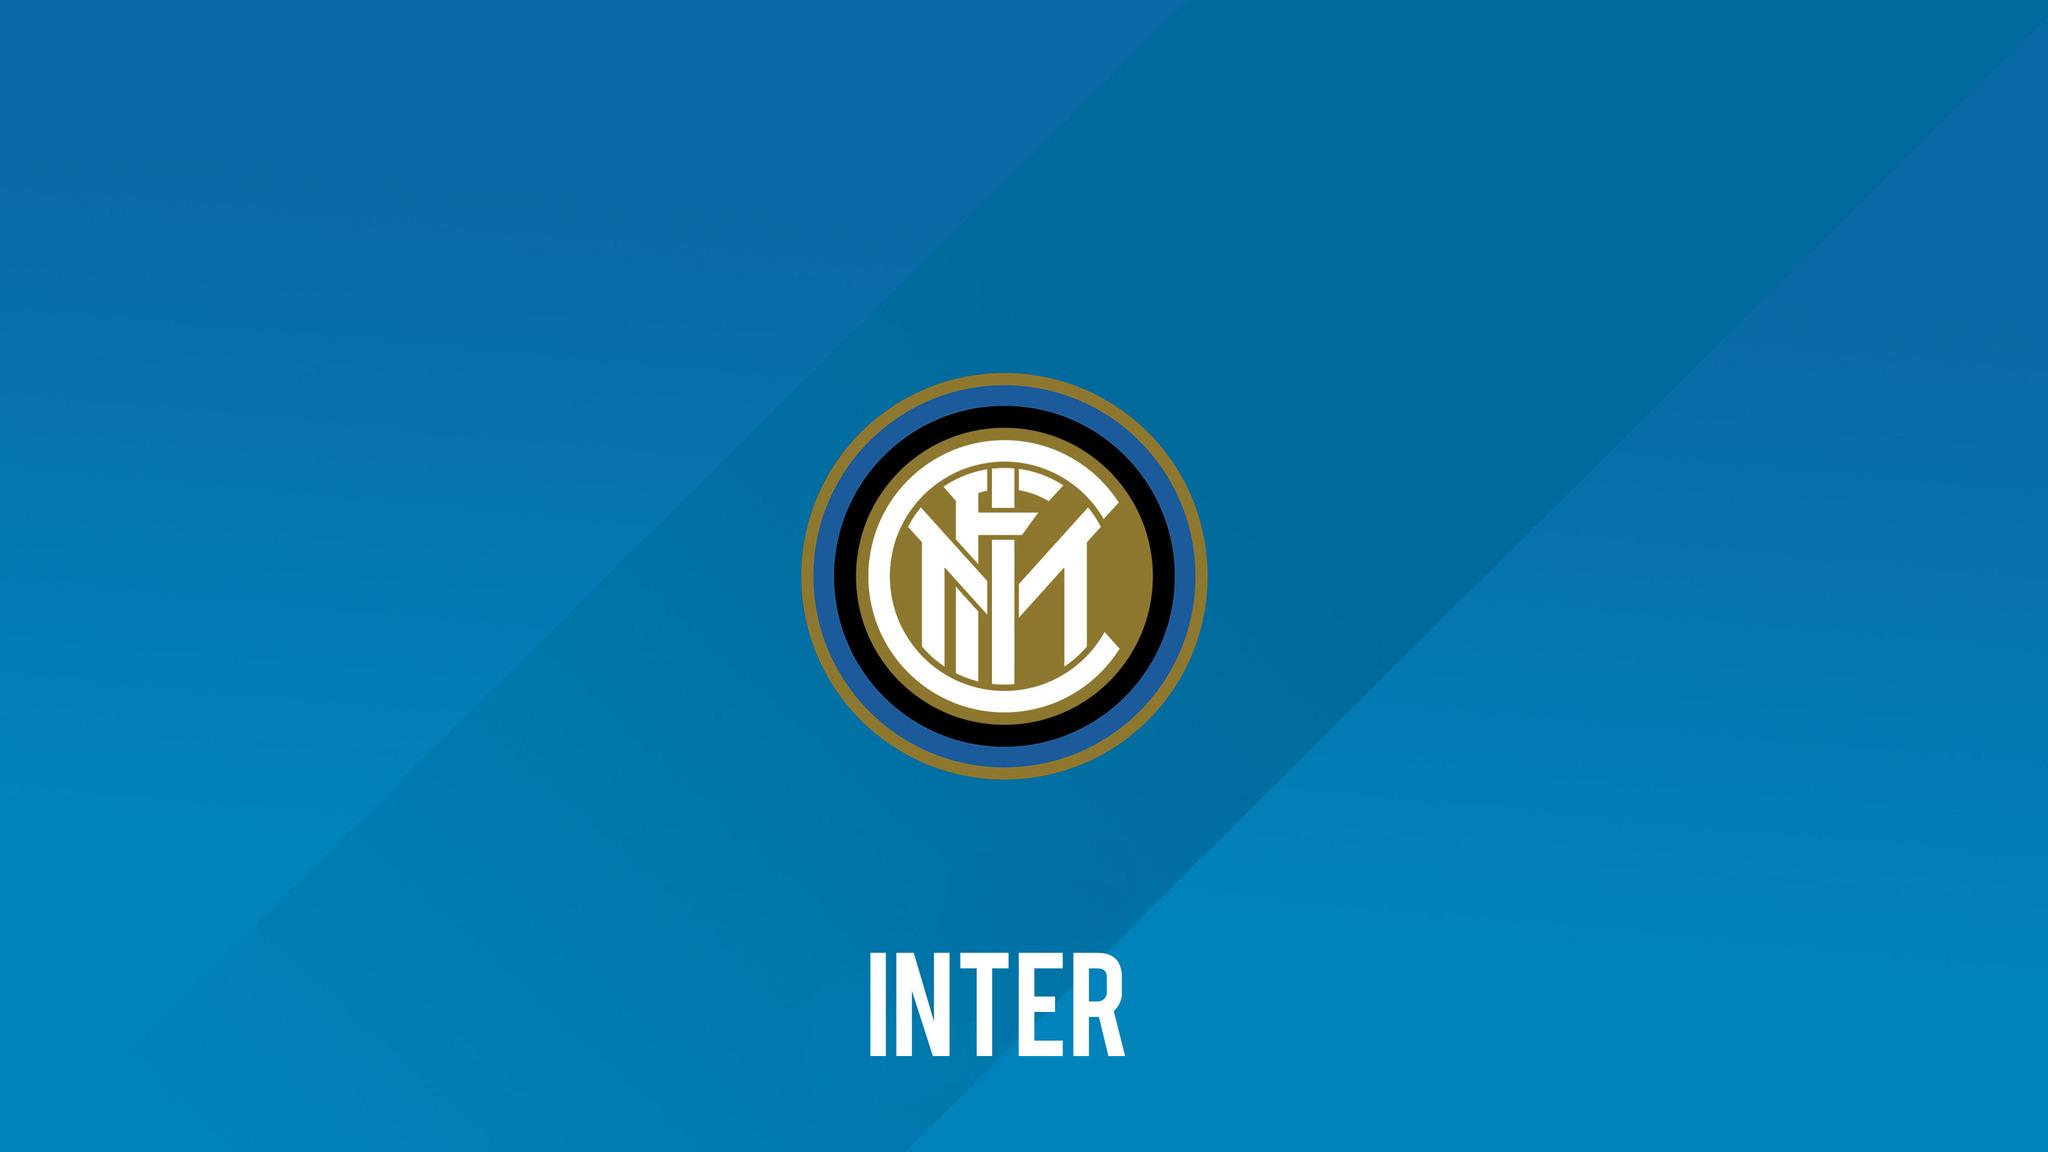 inter-milan-football-club-logo-hf.jpg